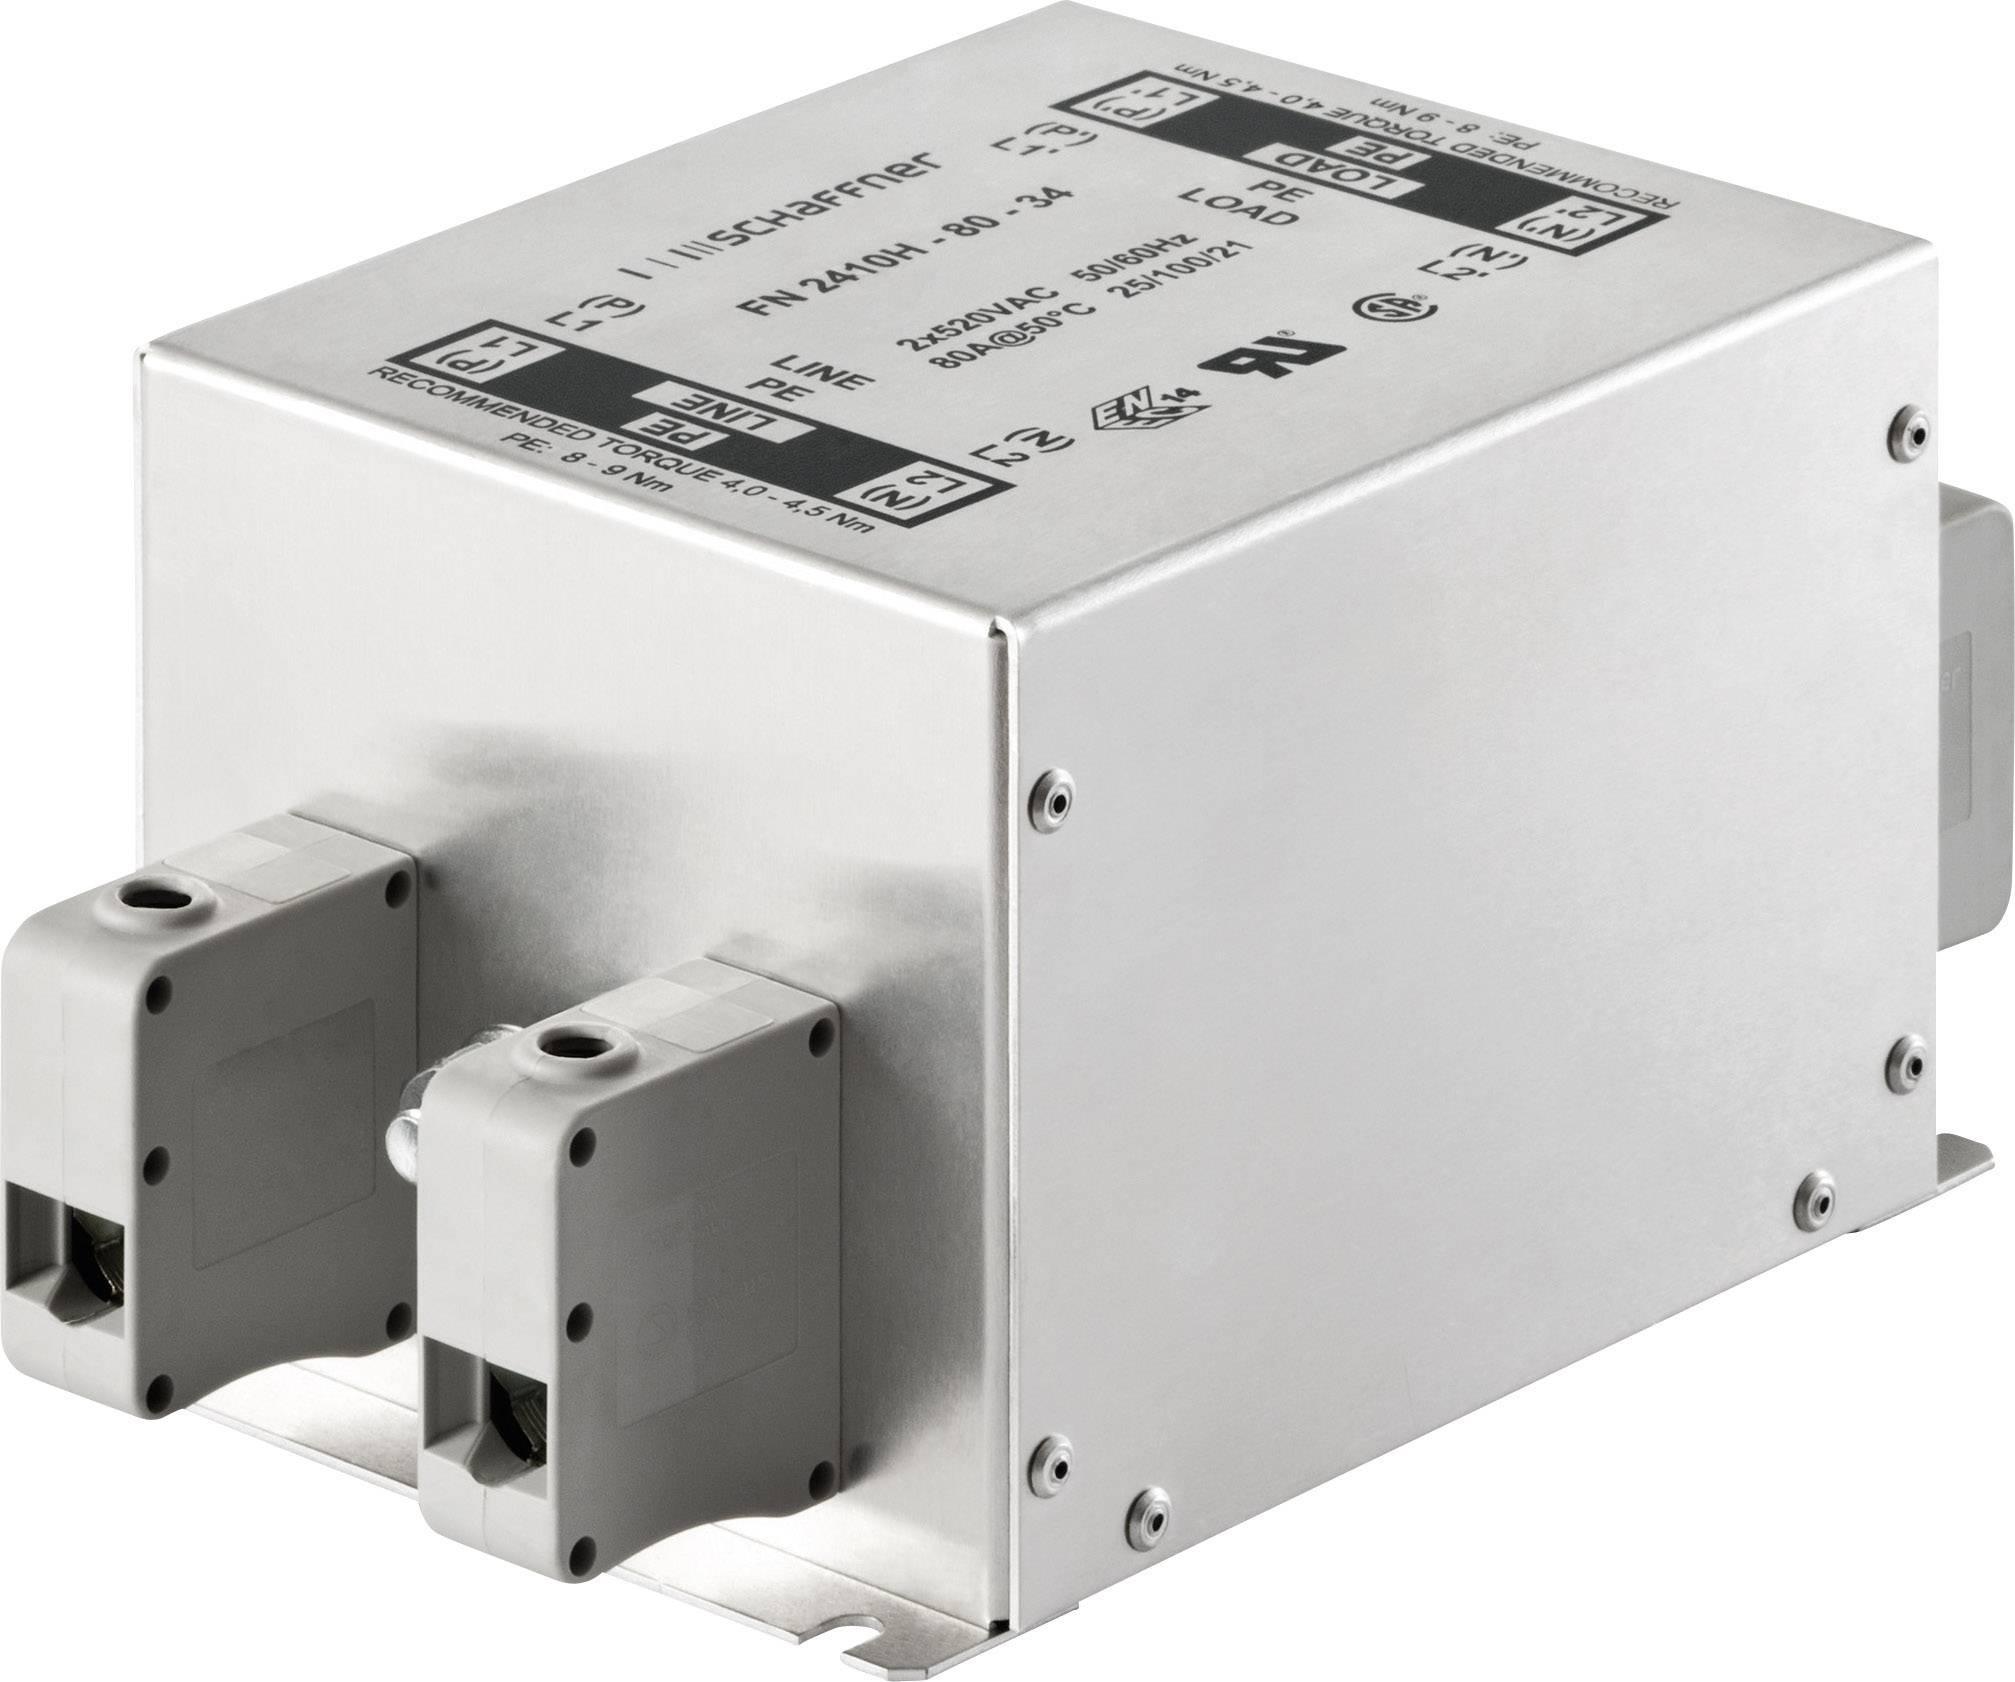 Jednofázový síťový filtr Schaffner, FN2410-25-33, 250 V/AC, 25 A